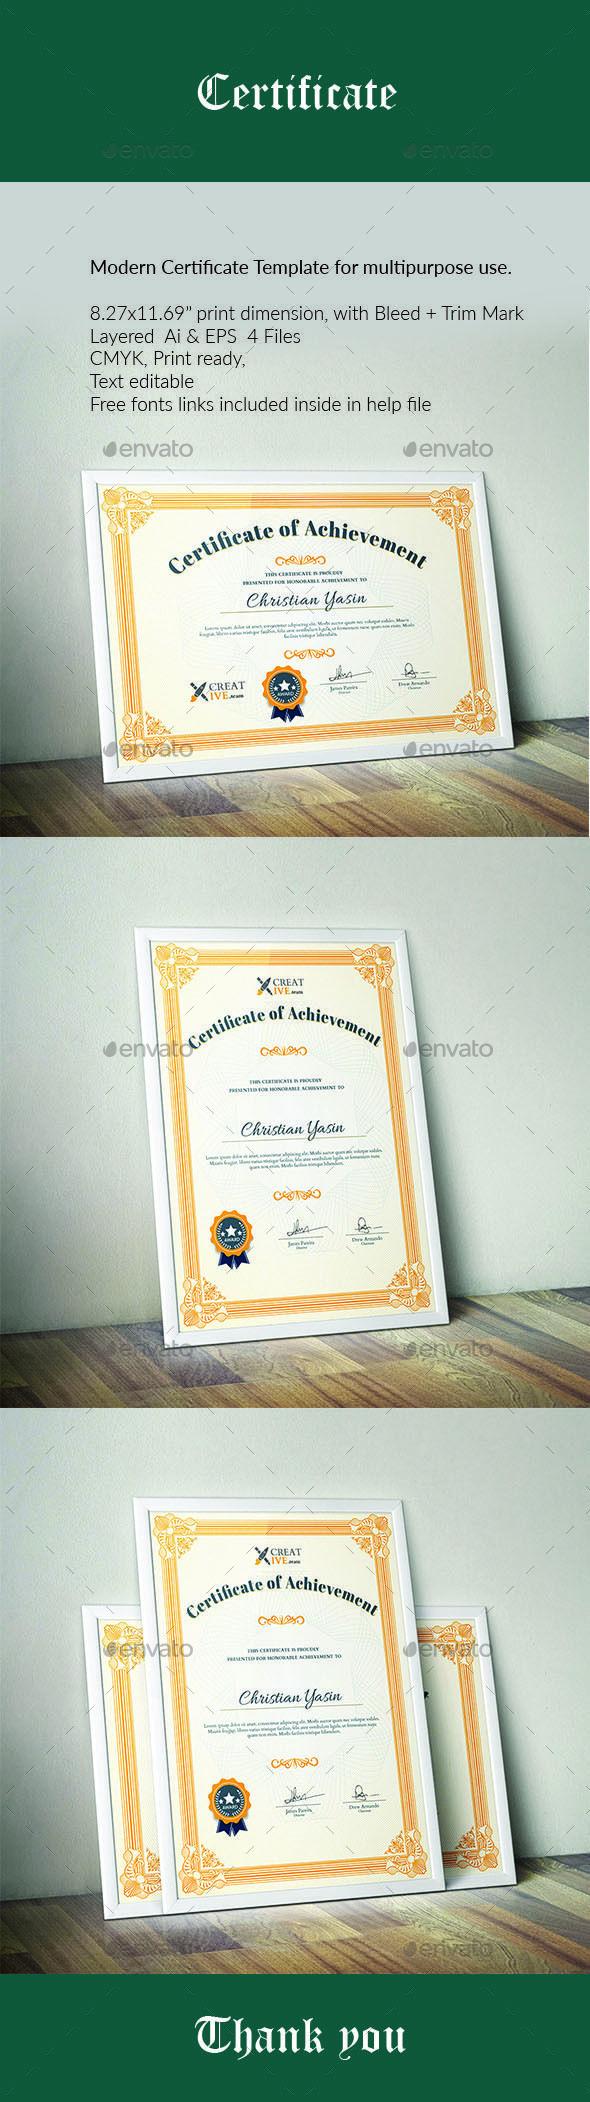 Modern Certificate Template | Pinterest